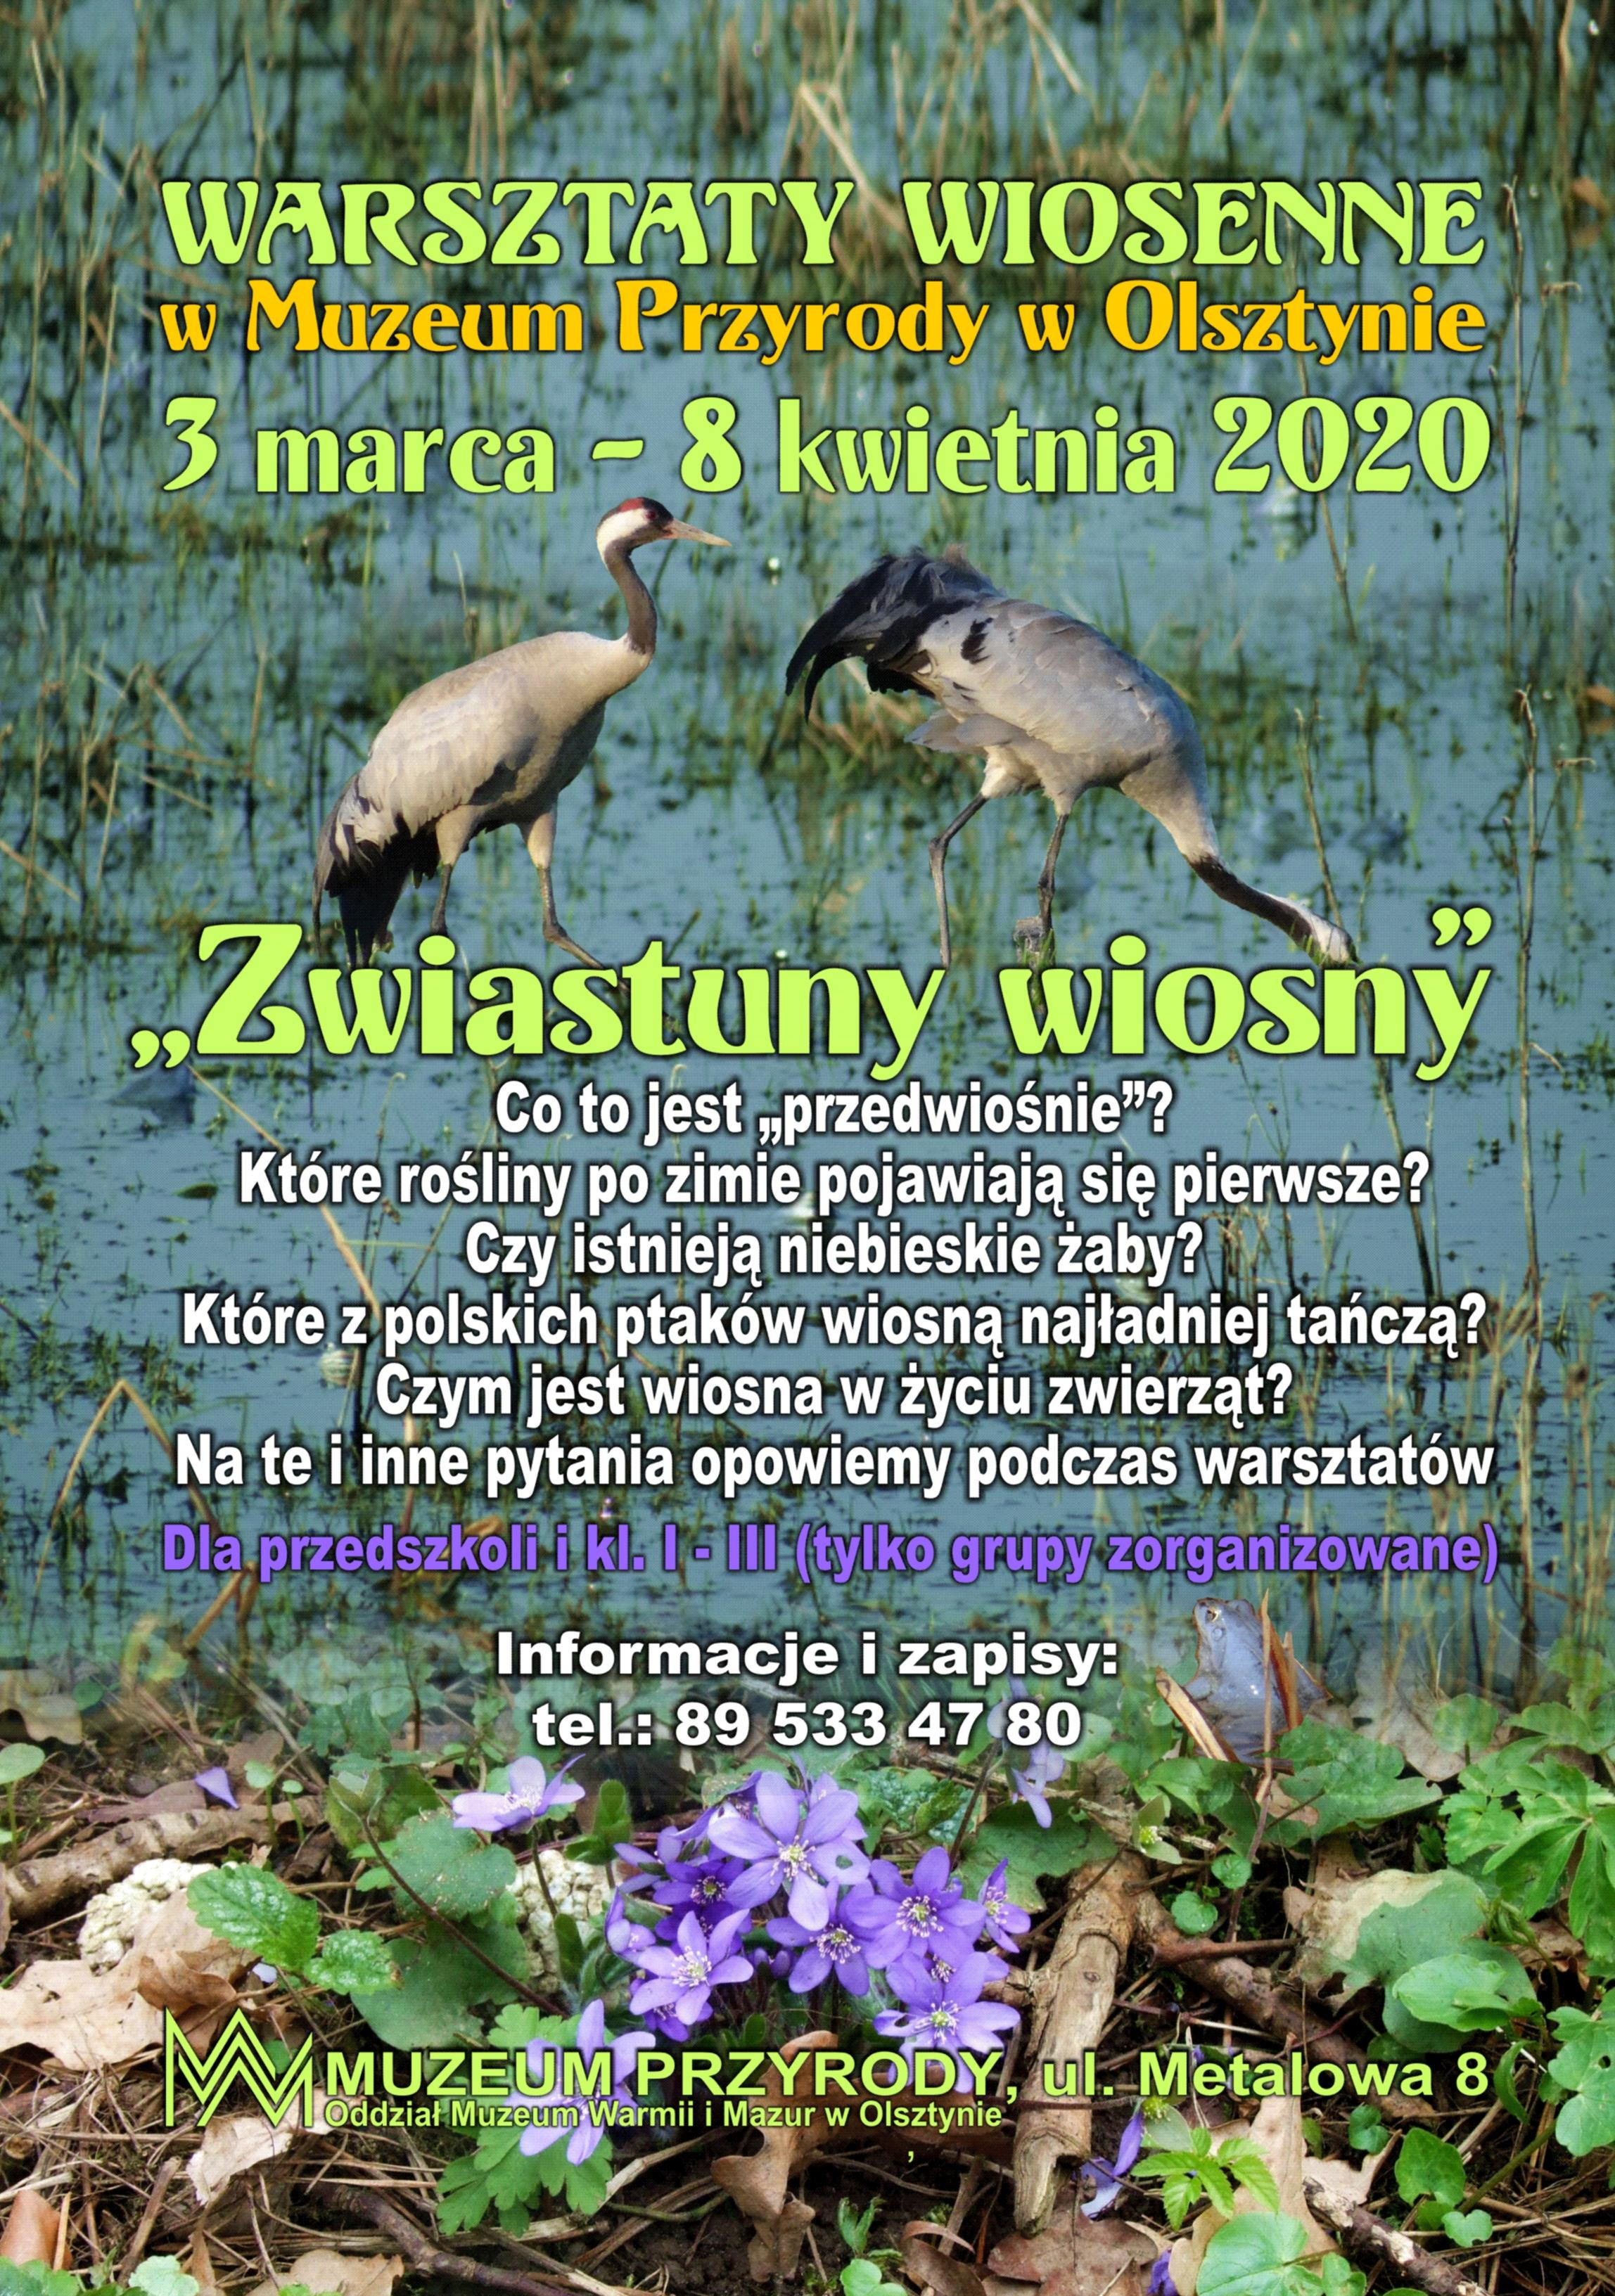 https://m.wmwm.pl/2020/02/orig/przyroda-warsztaty-6612.jpg